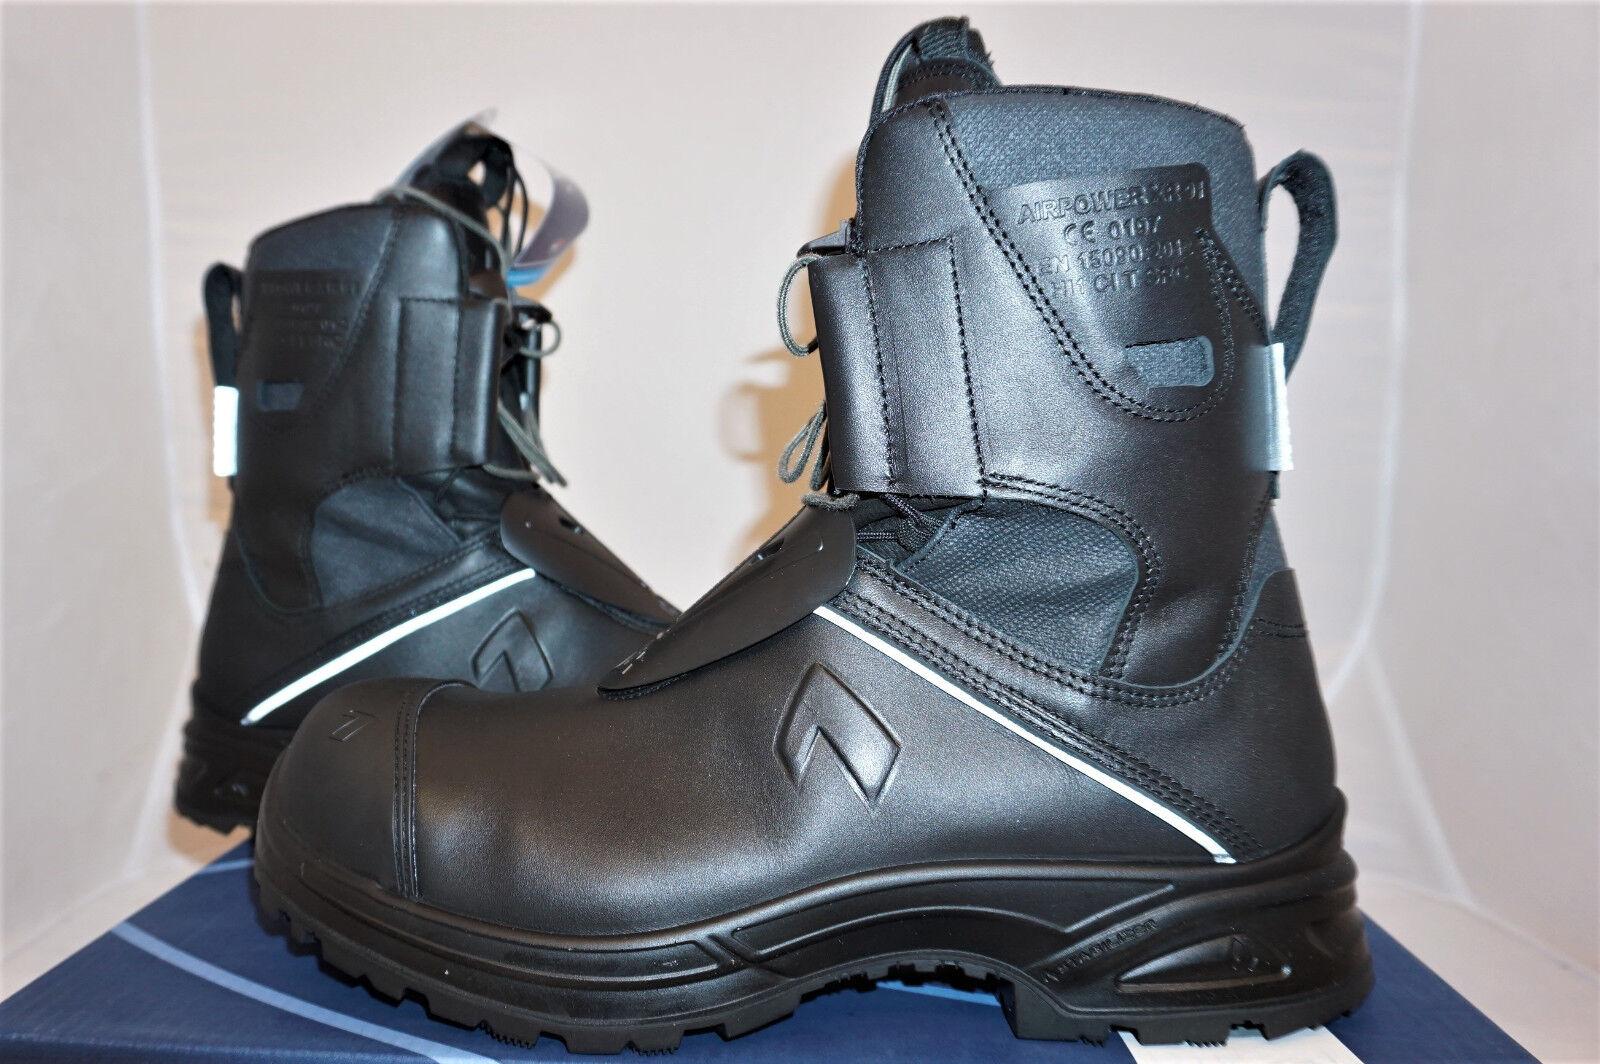 HAIX AIRPOWER xr91 UK 8 UE 42 US 9 Pompiers bottes Cuir Travail bottes Nouveau